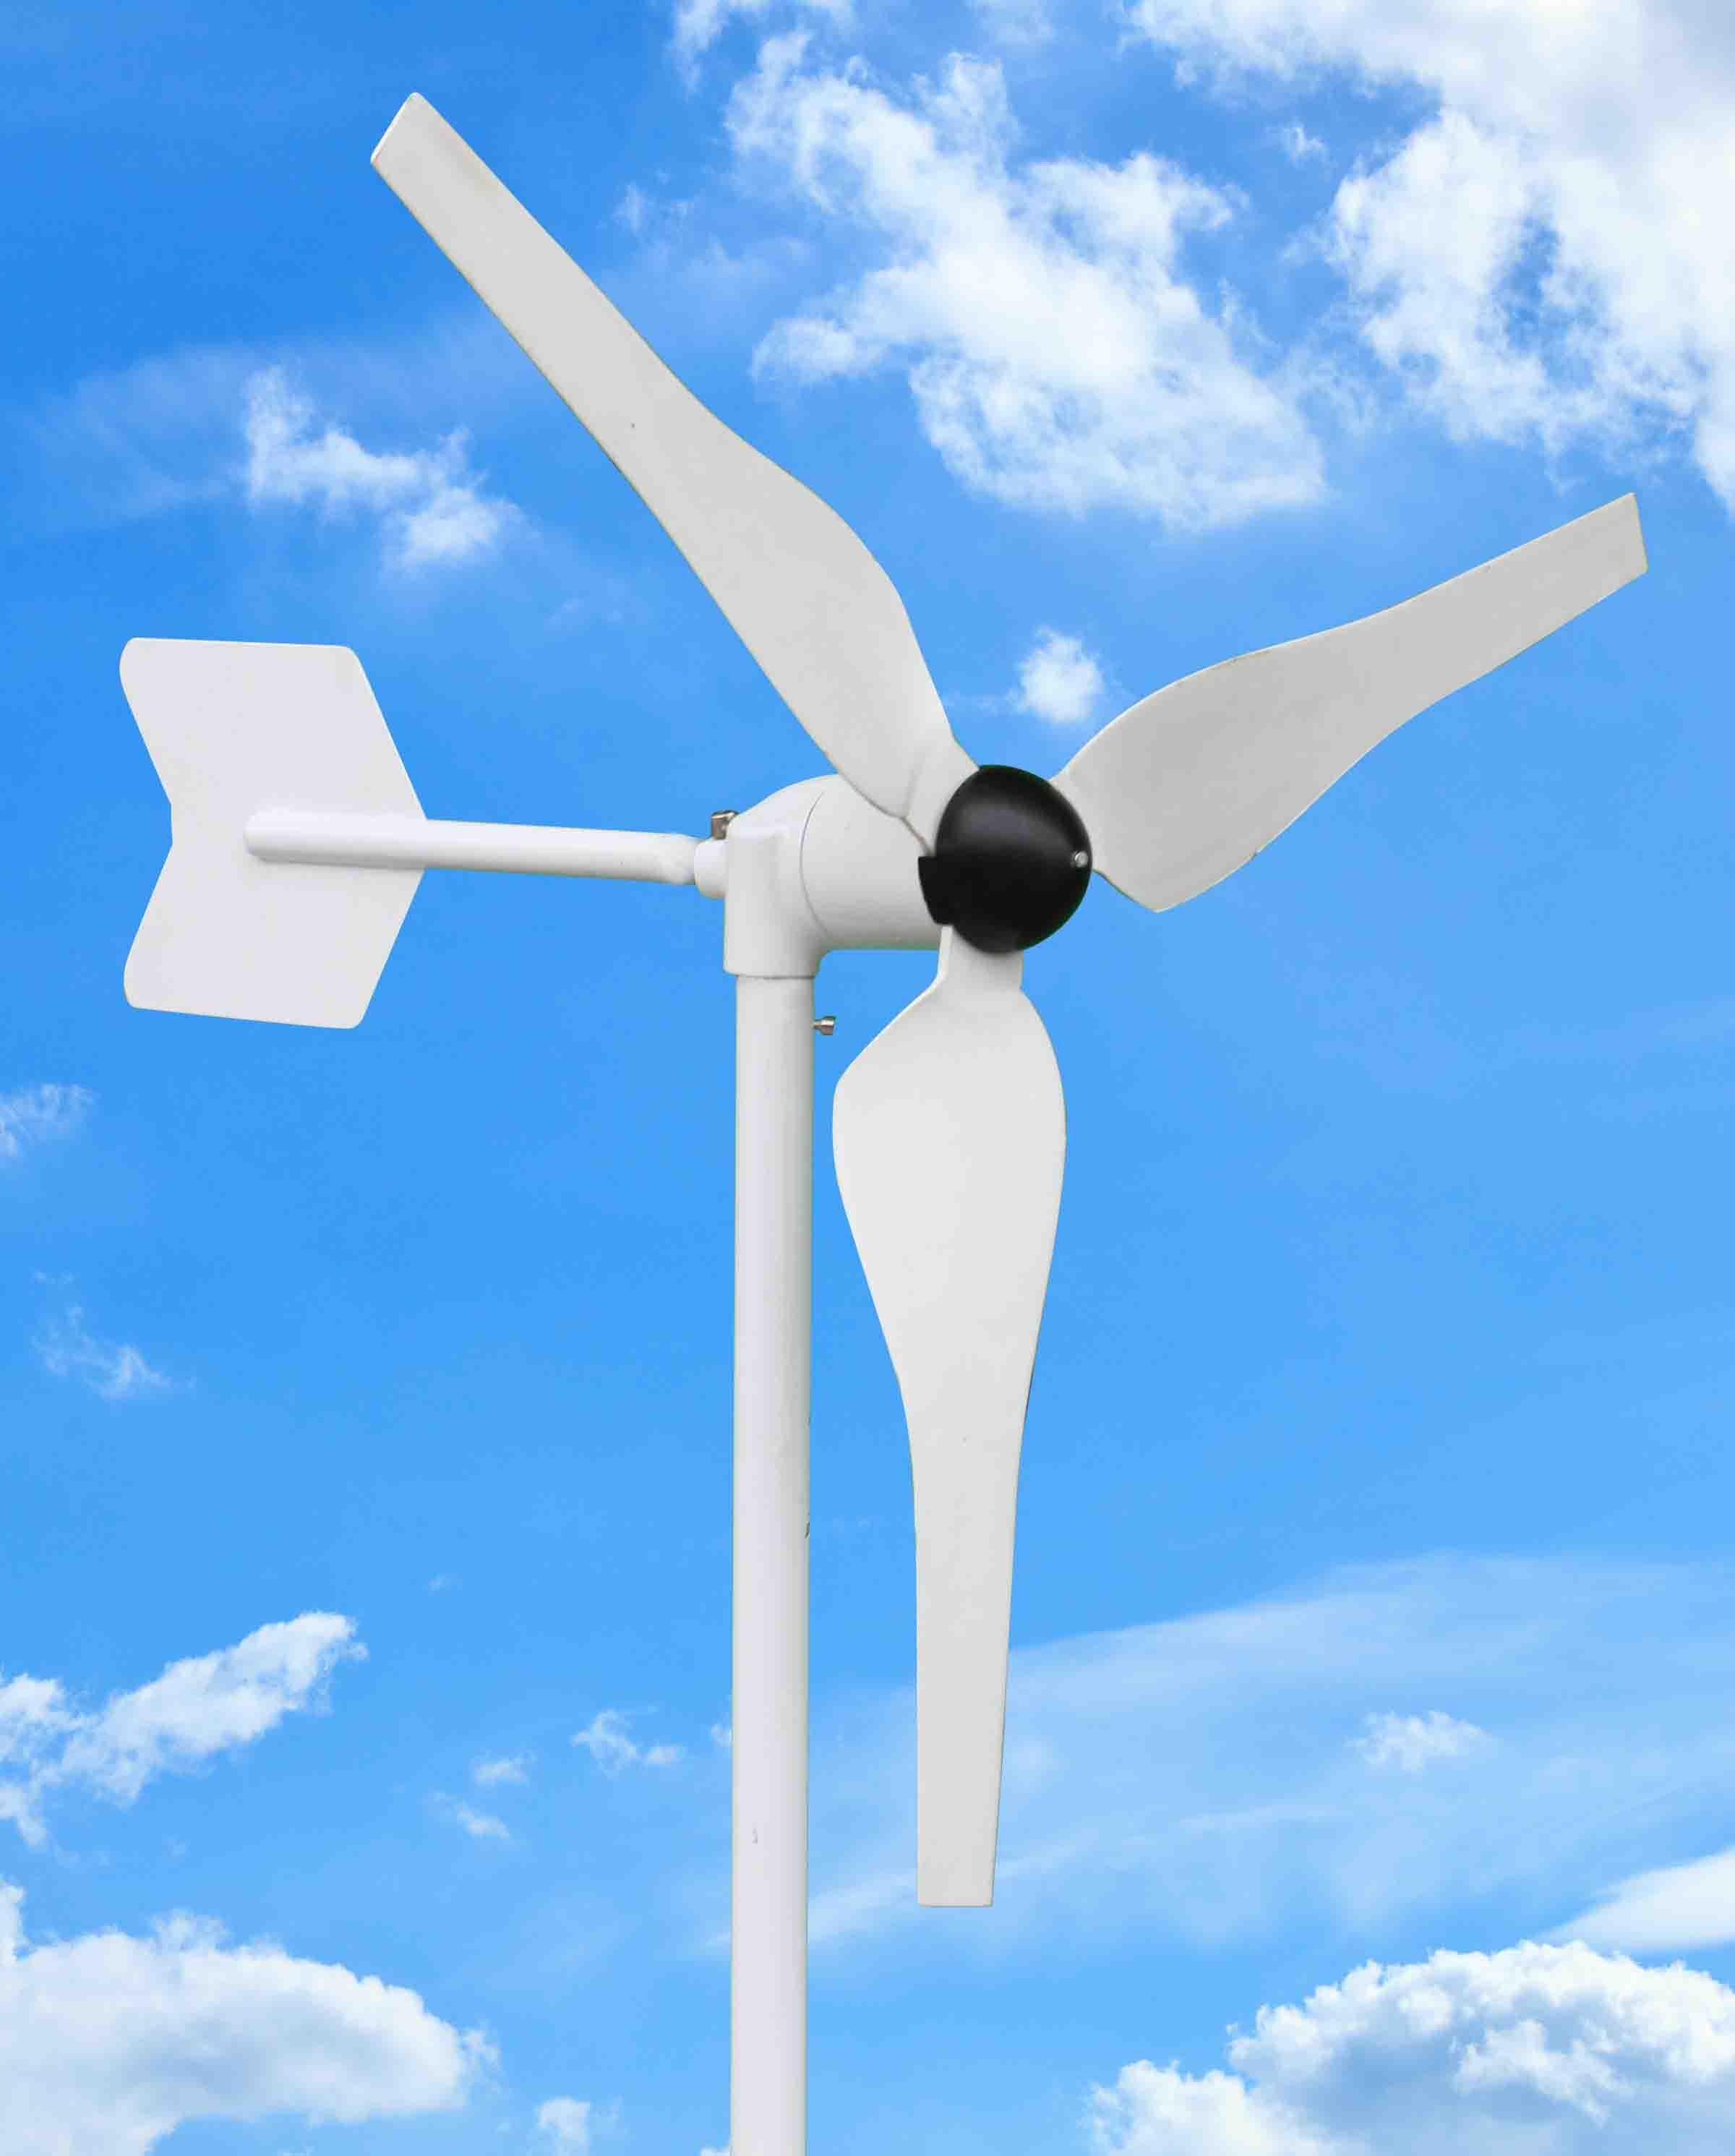 Как сделать ветрогенератор на 220В своими руками: самодельный ветряк 8